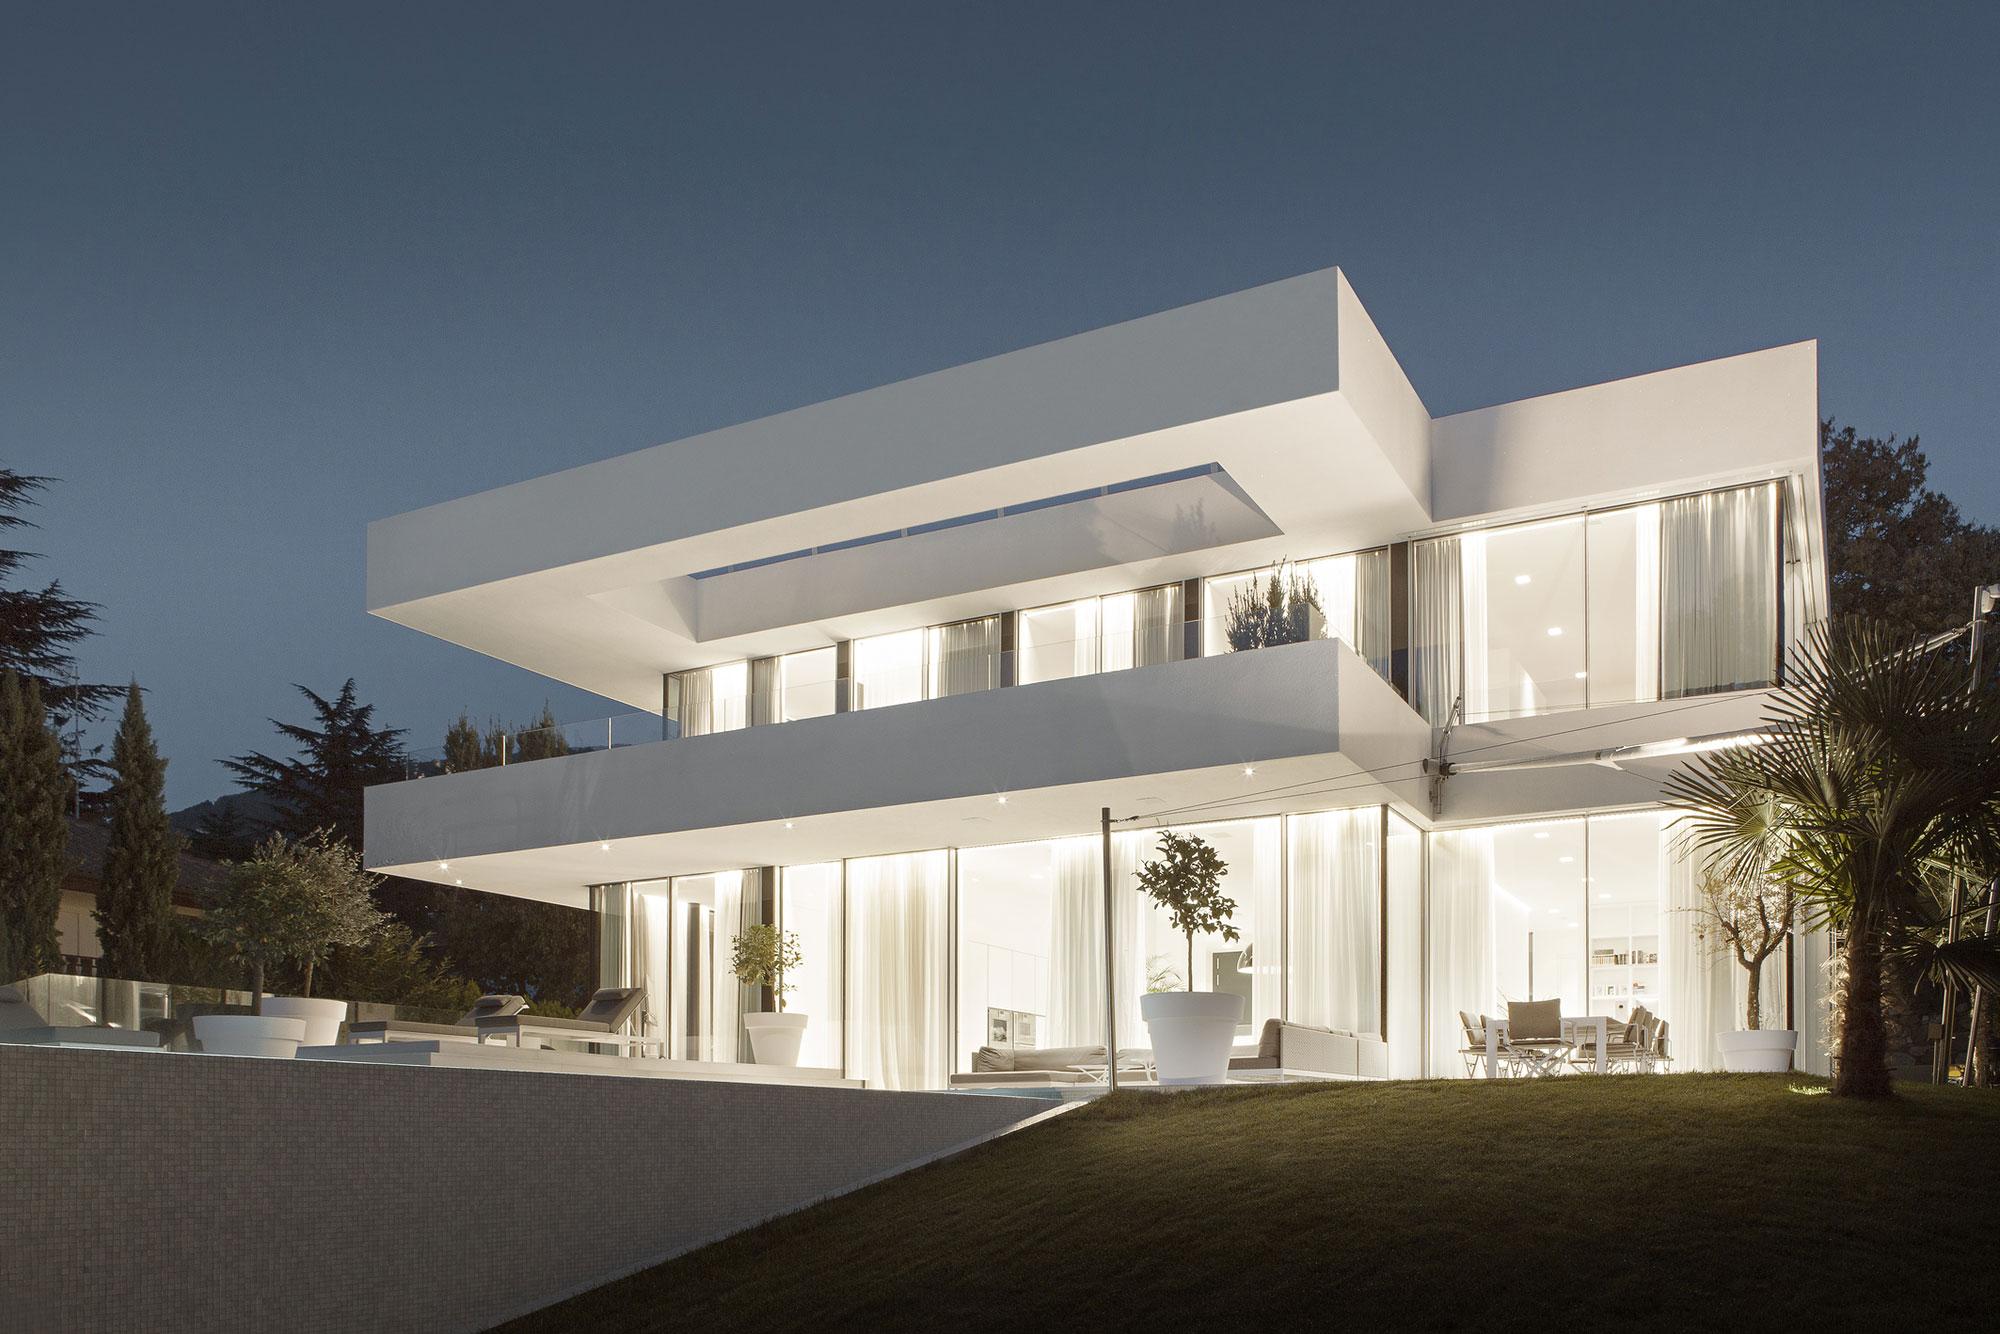 house mmonovolume architecture + design   architecture & design